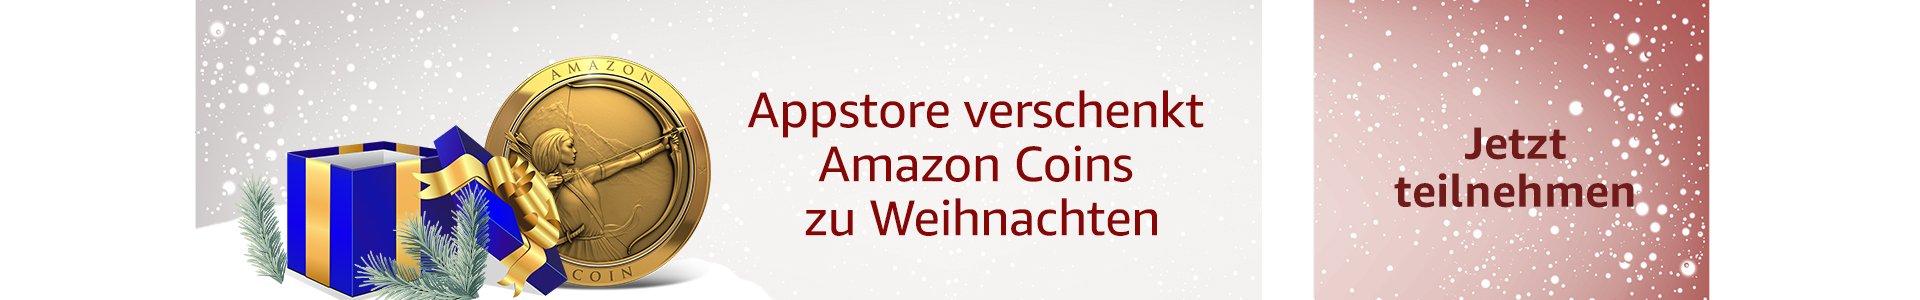 Appstore verschenkt Amazon Coins zu Weihnachten